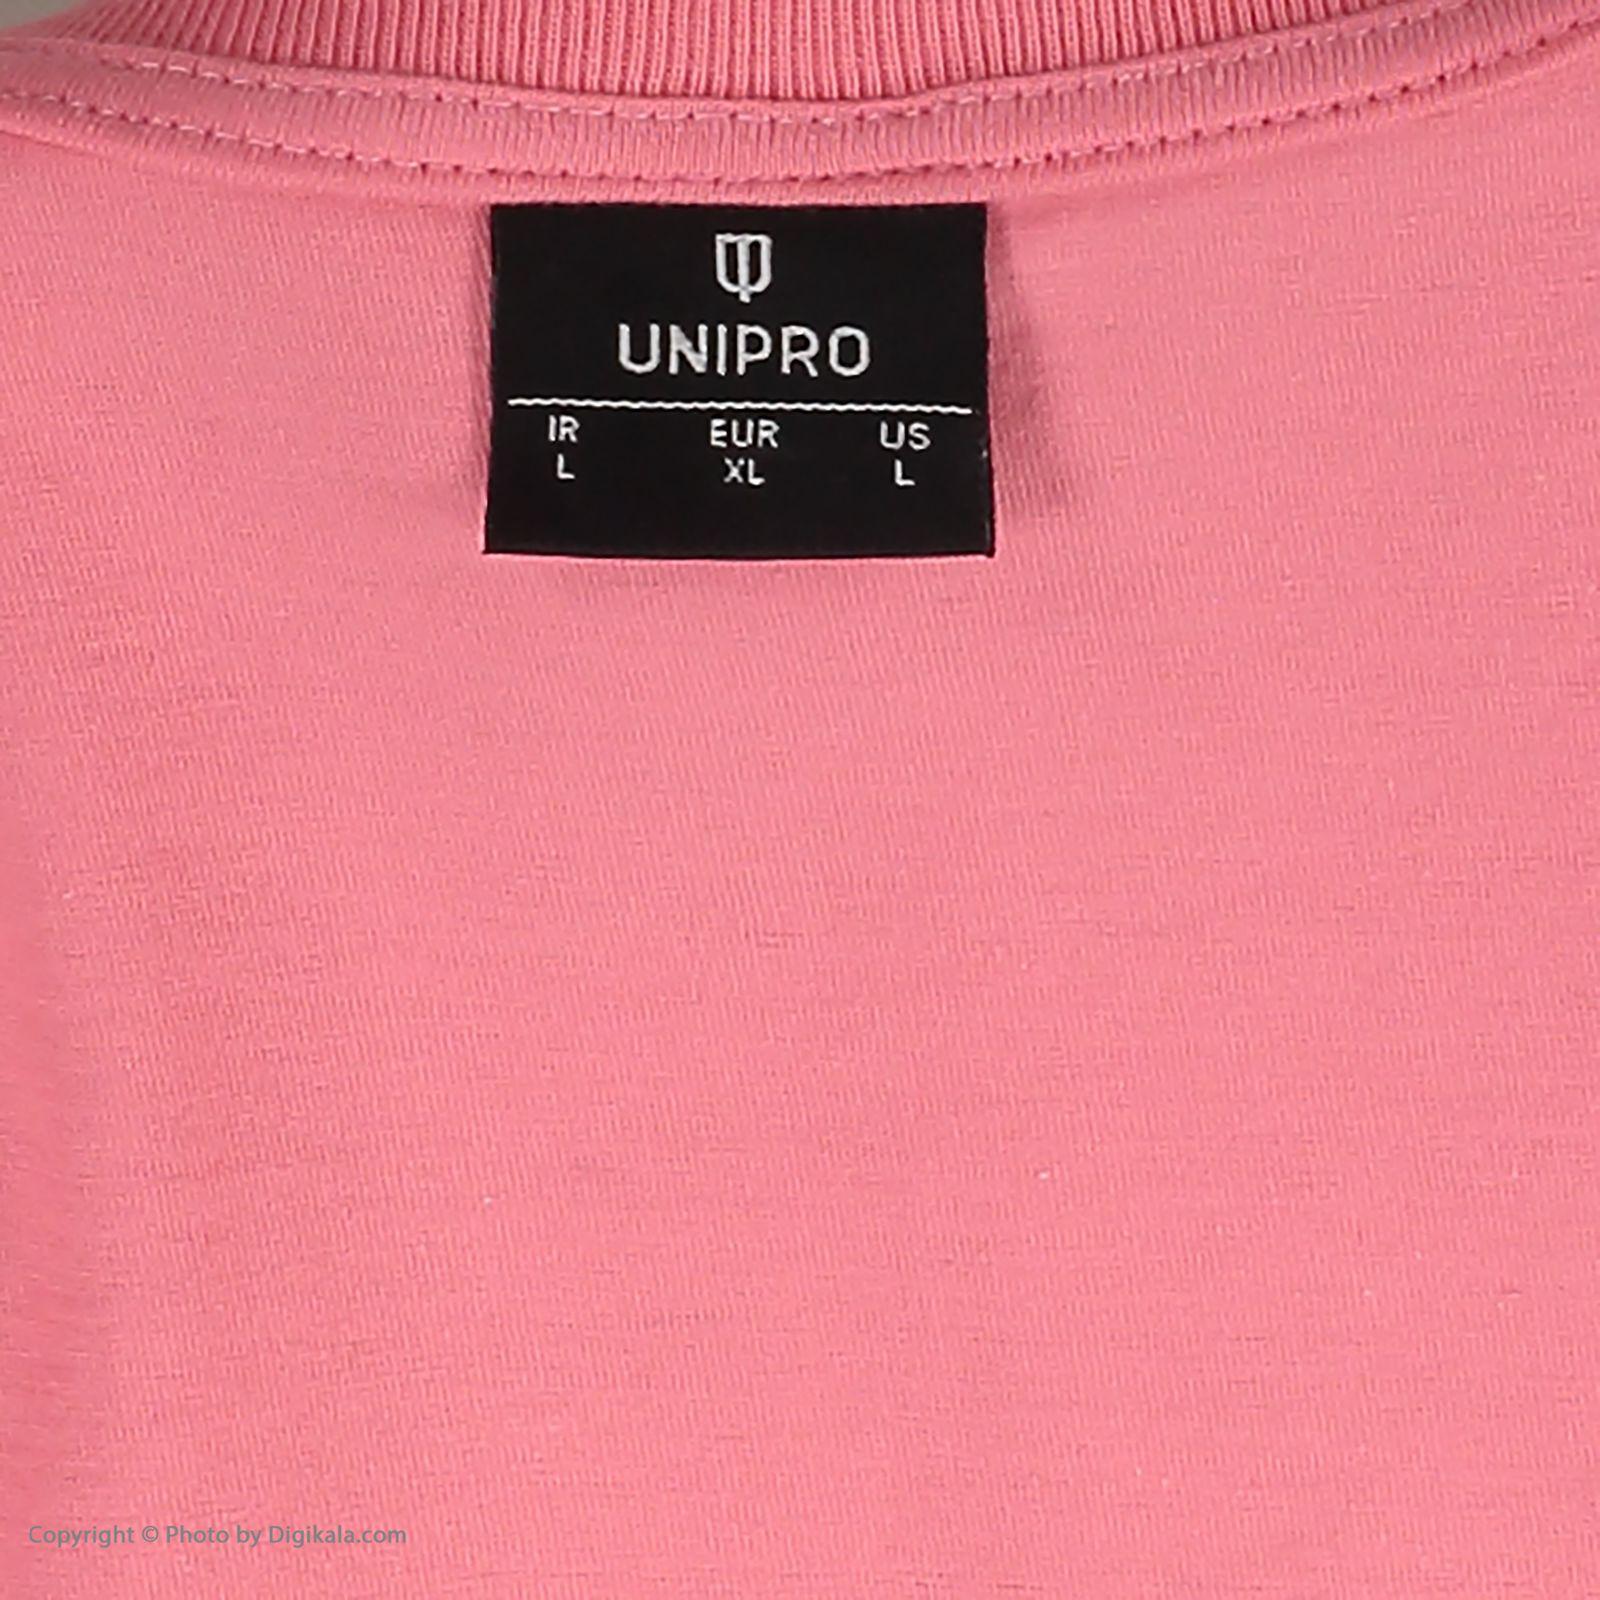 تی شرت ورزشی مردانه یونی پرو مدل 914119308-40 -  - 6